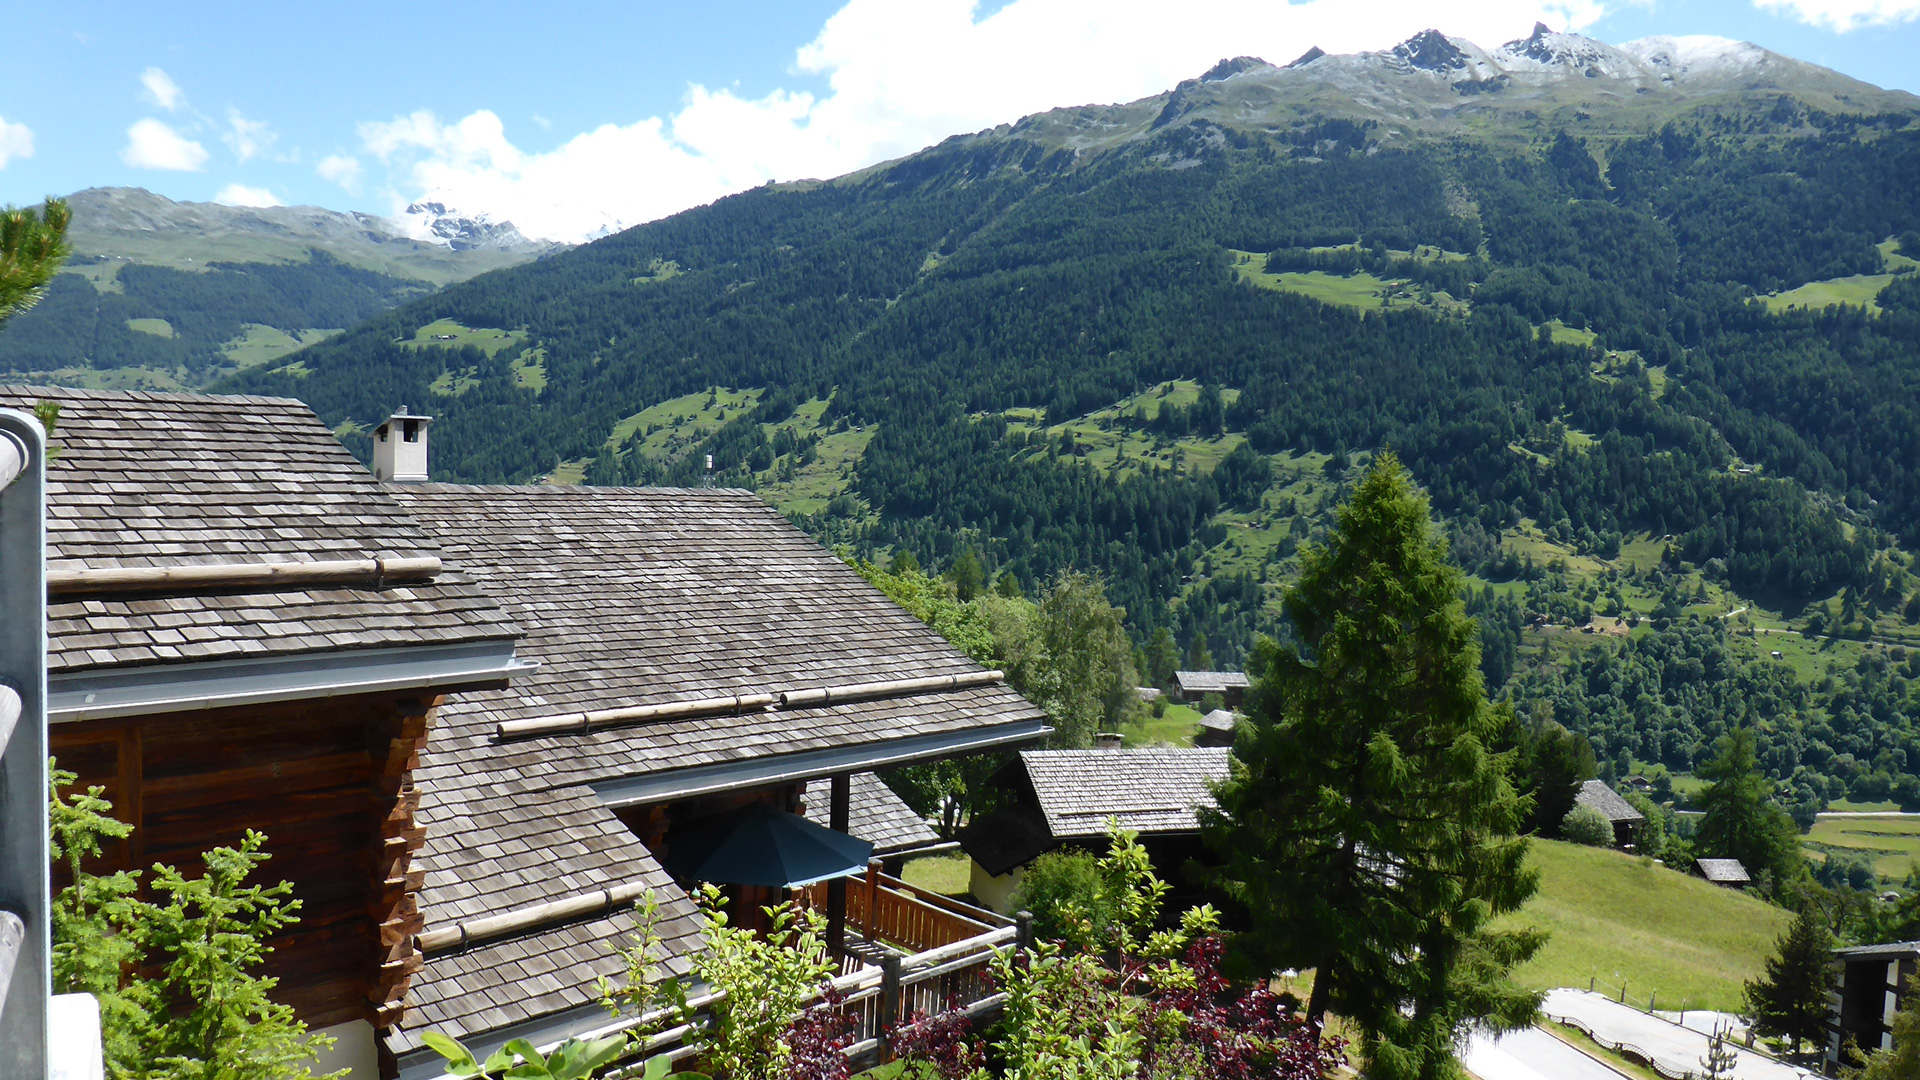 Chalet Maud Chalet, Switzerland